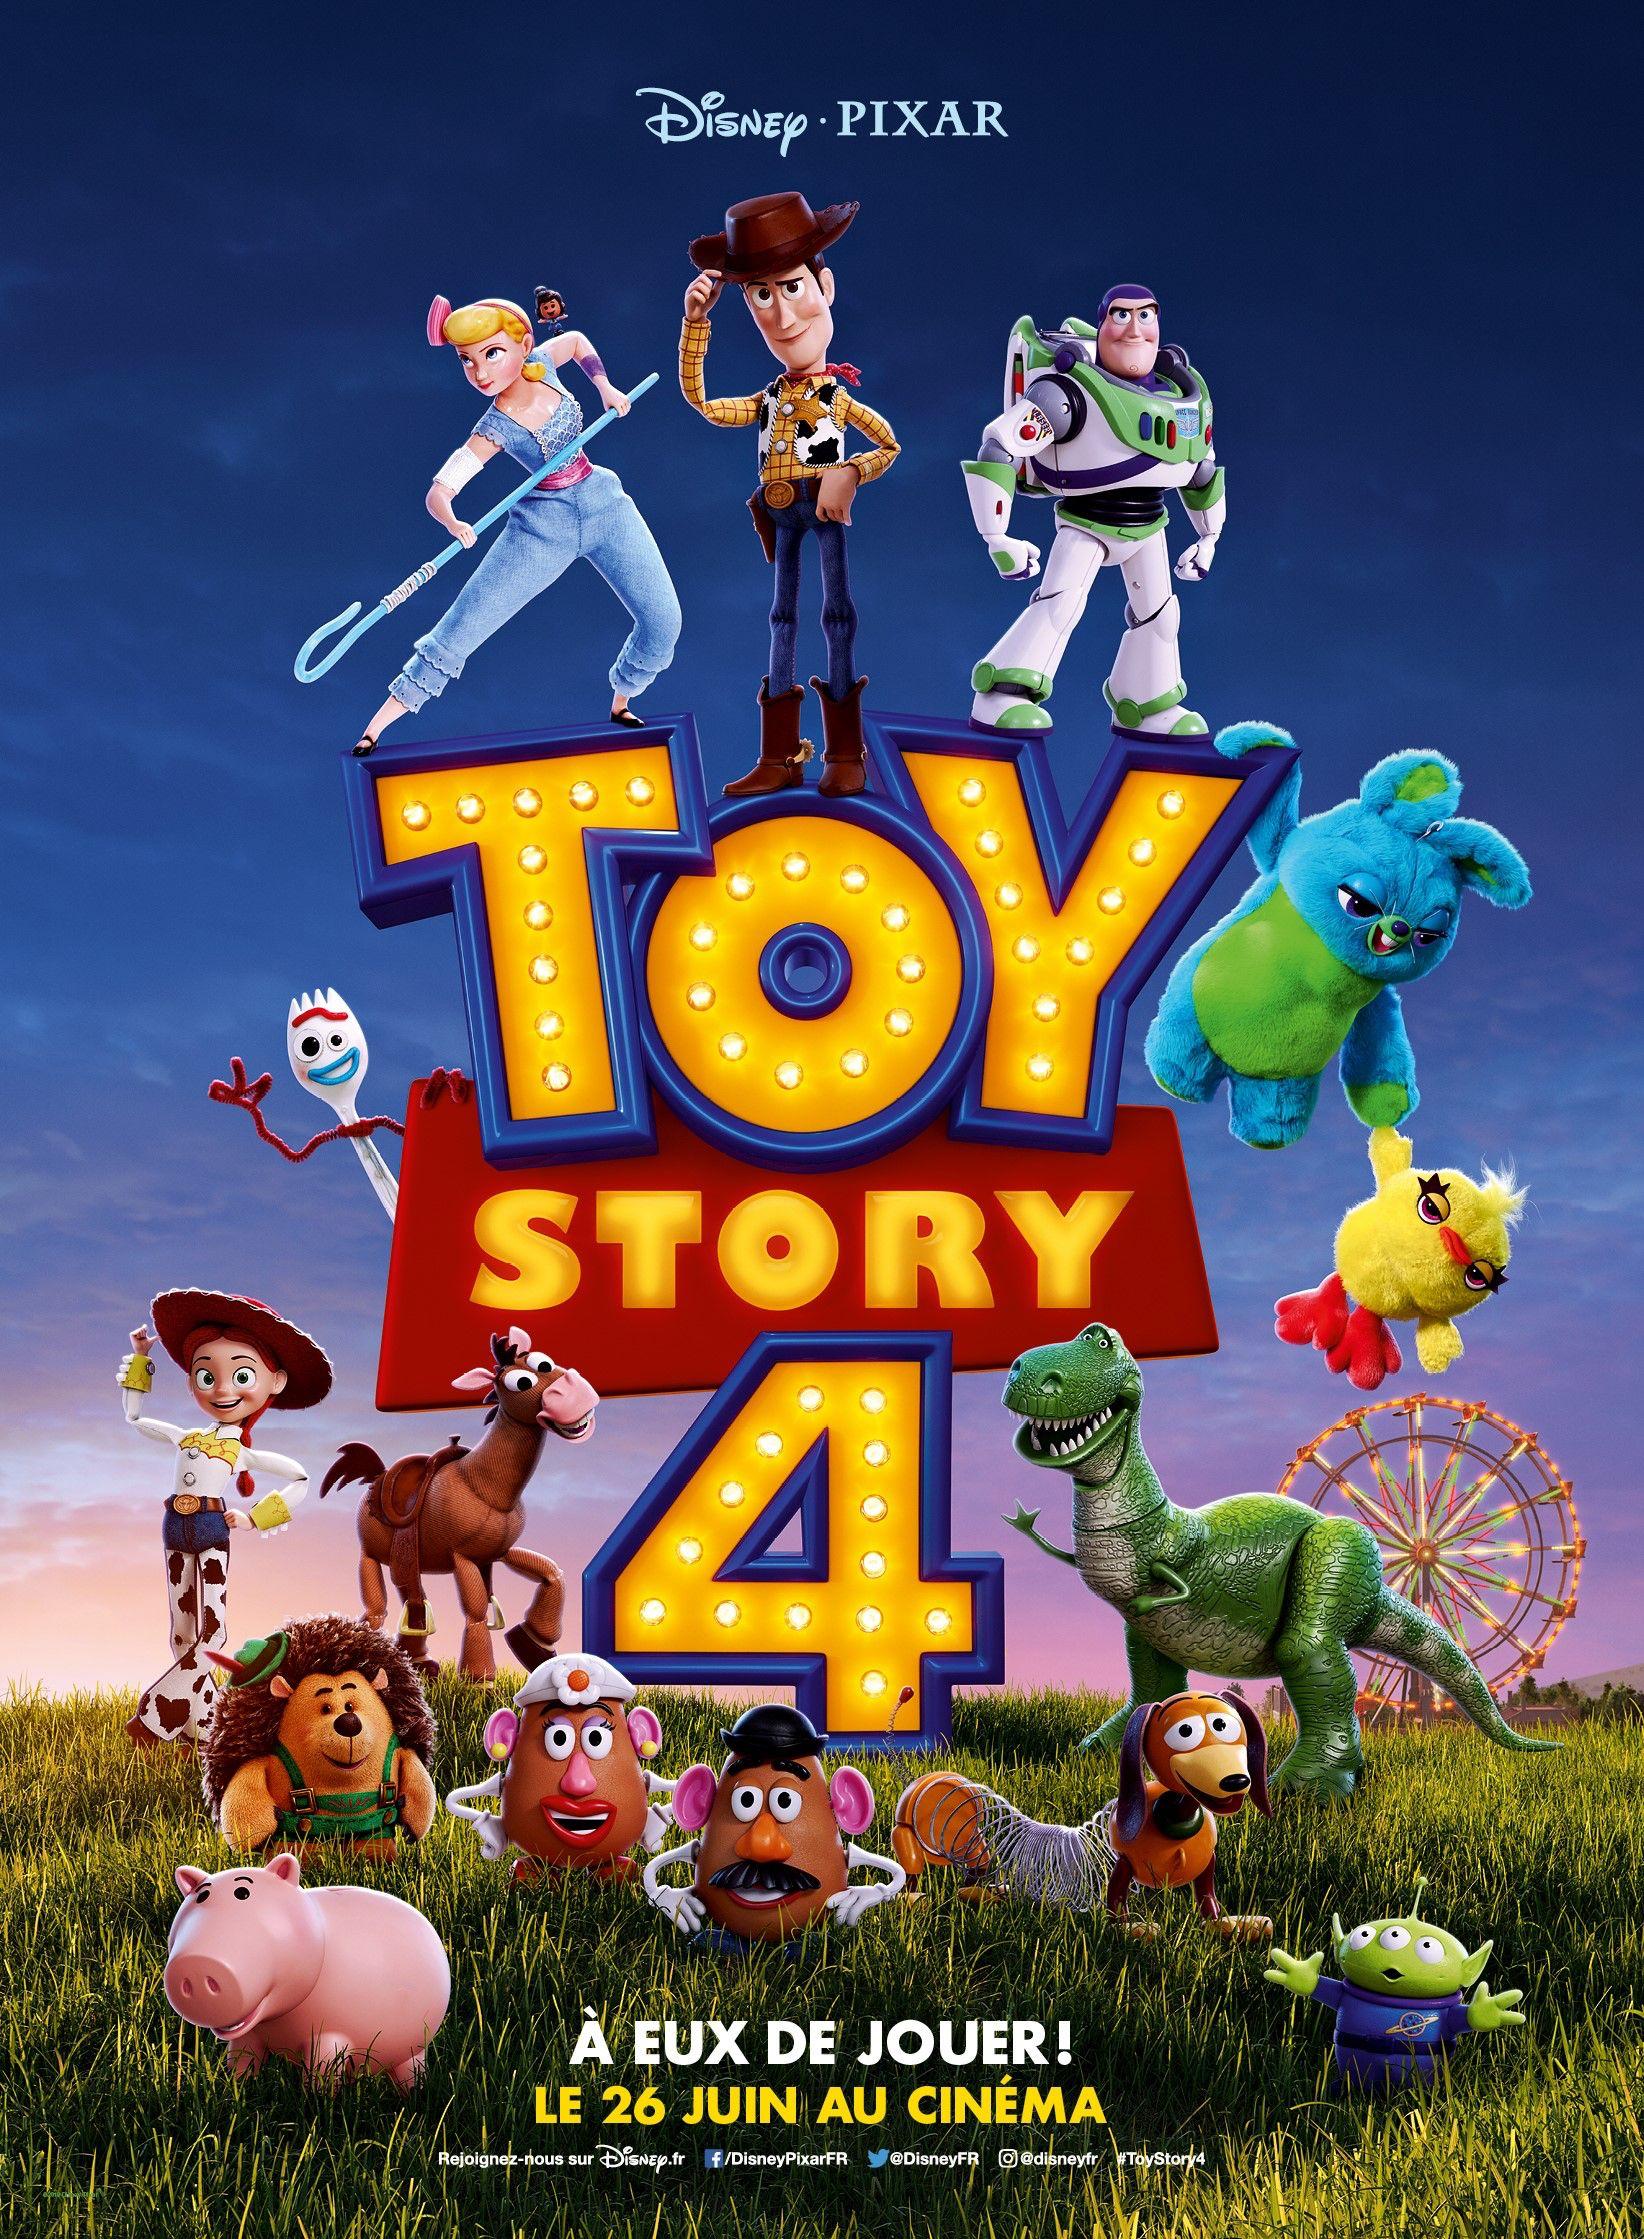 Toy Story 4 610 2019 Musique Et Séances Cinématographiques En